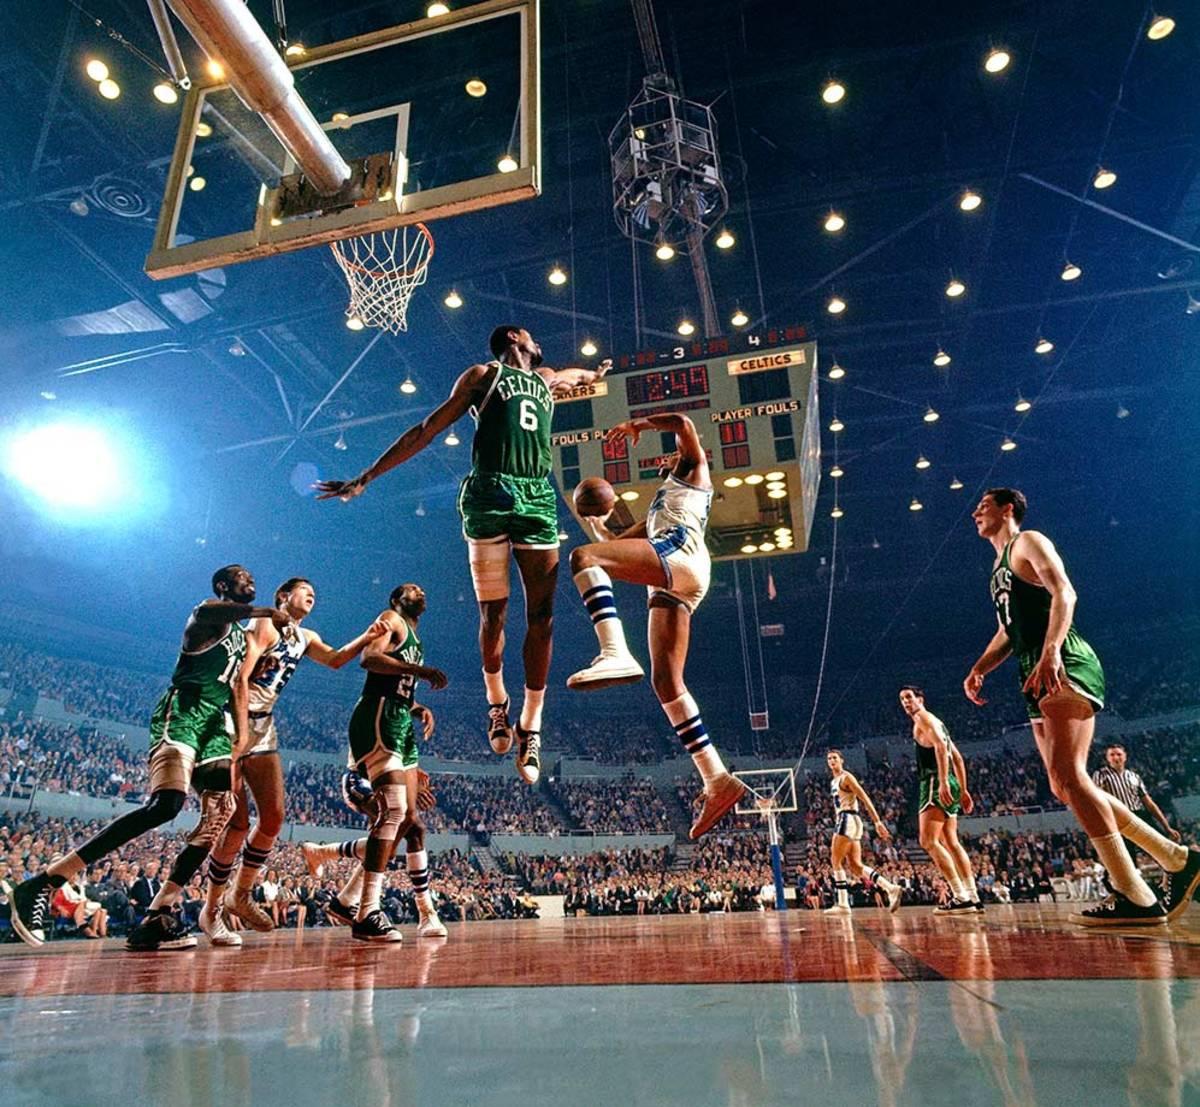 1966-Elgin-Baylor-Bill-Russell-017079631.jpg